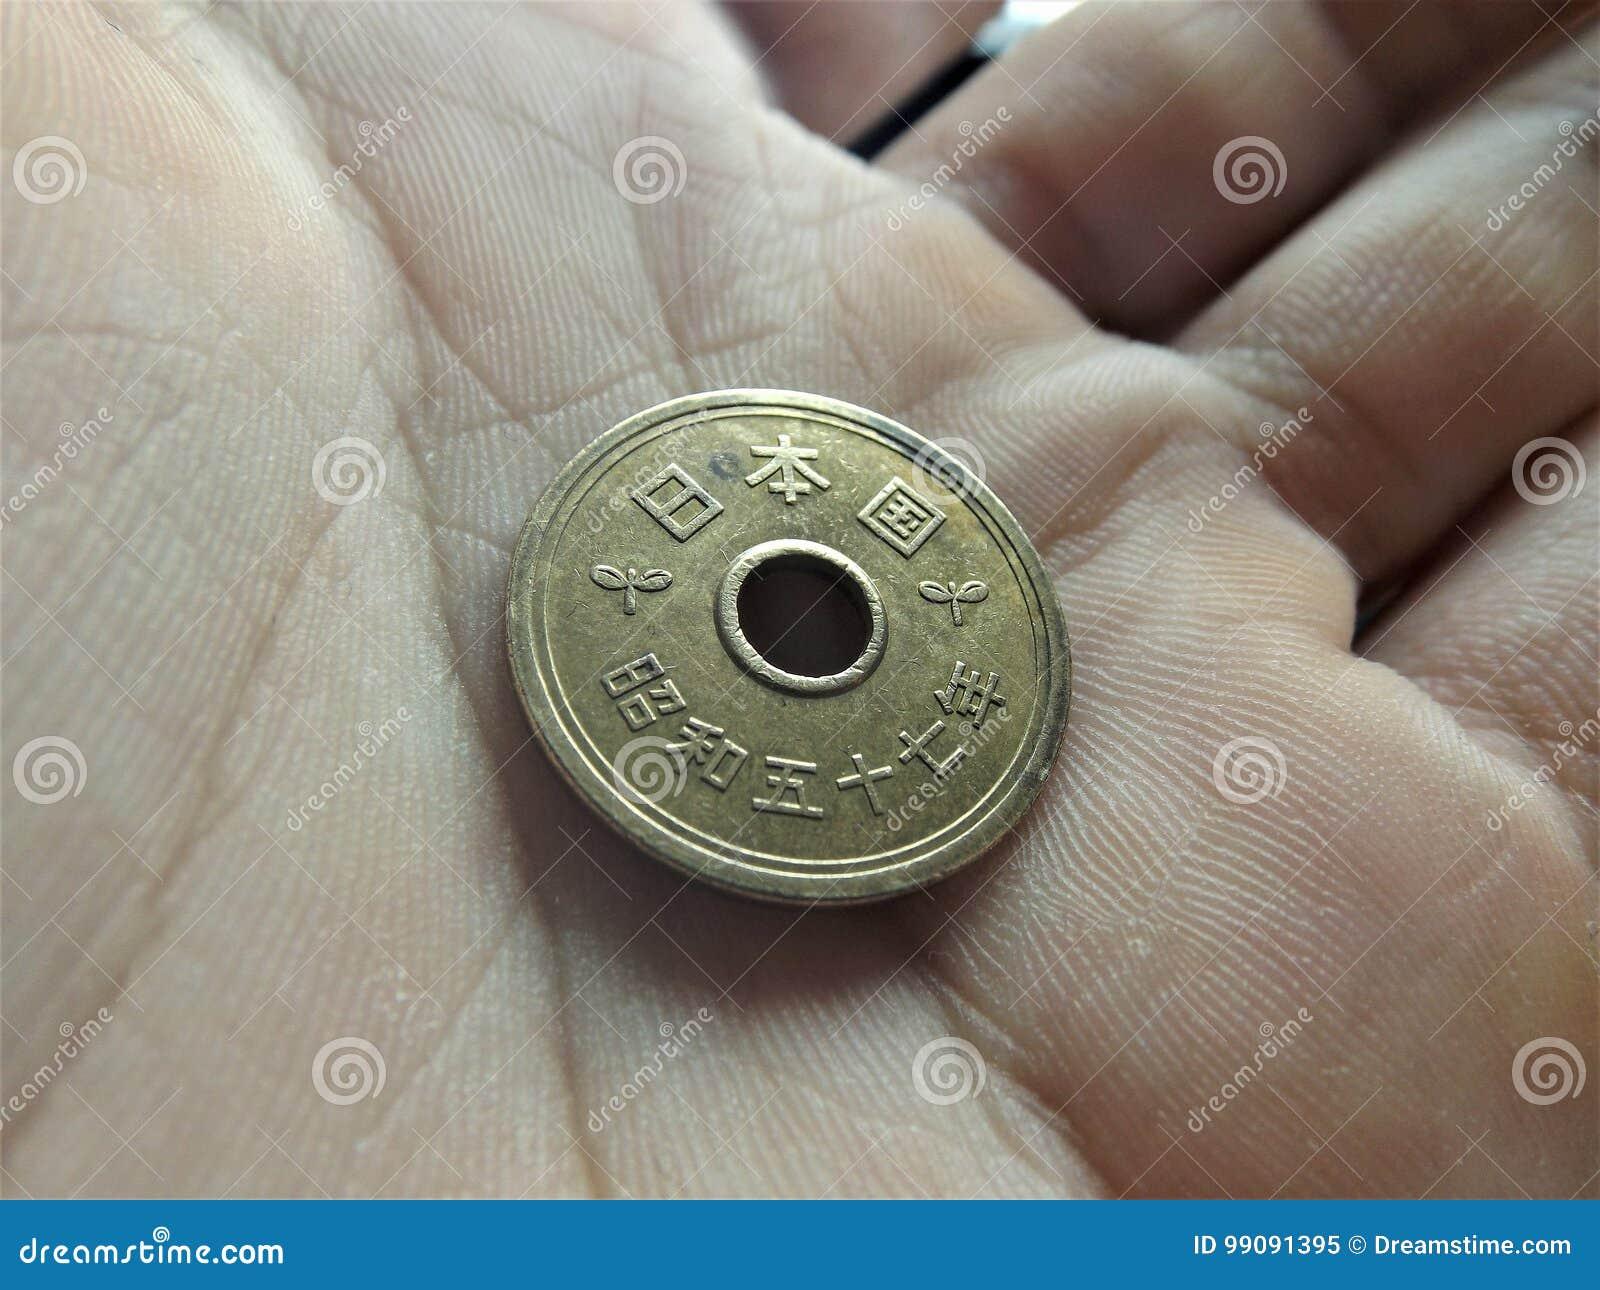 5 Japanischer Yen Münze In Meiner Hand Stockbild Bild Von Dose